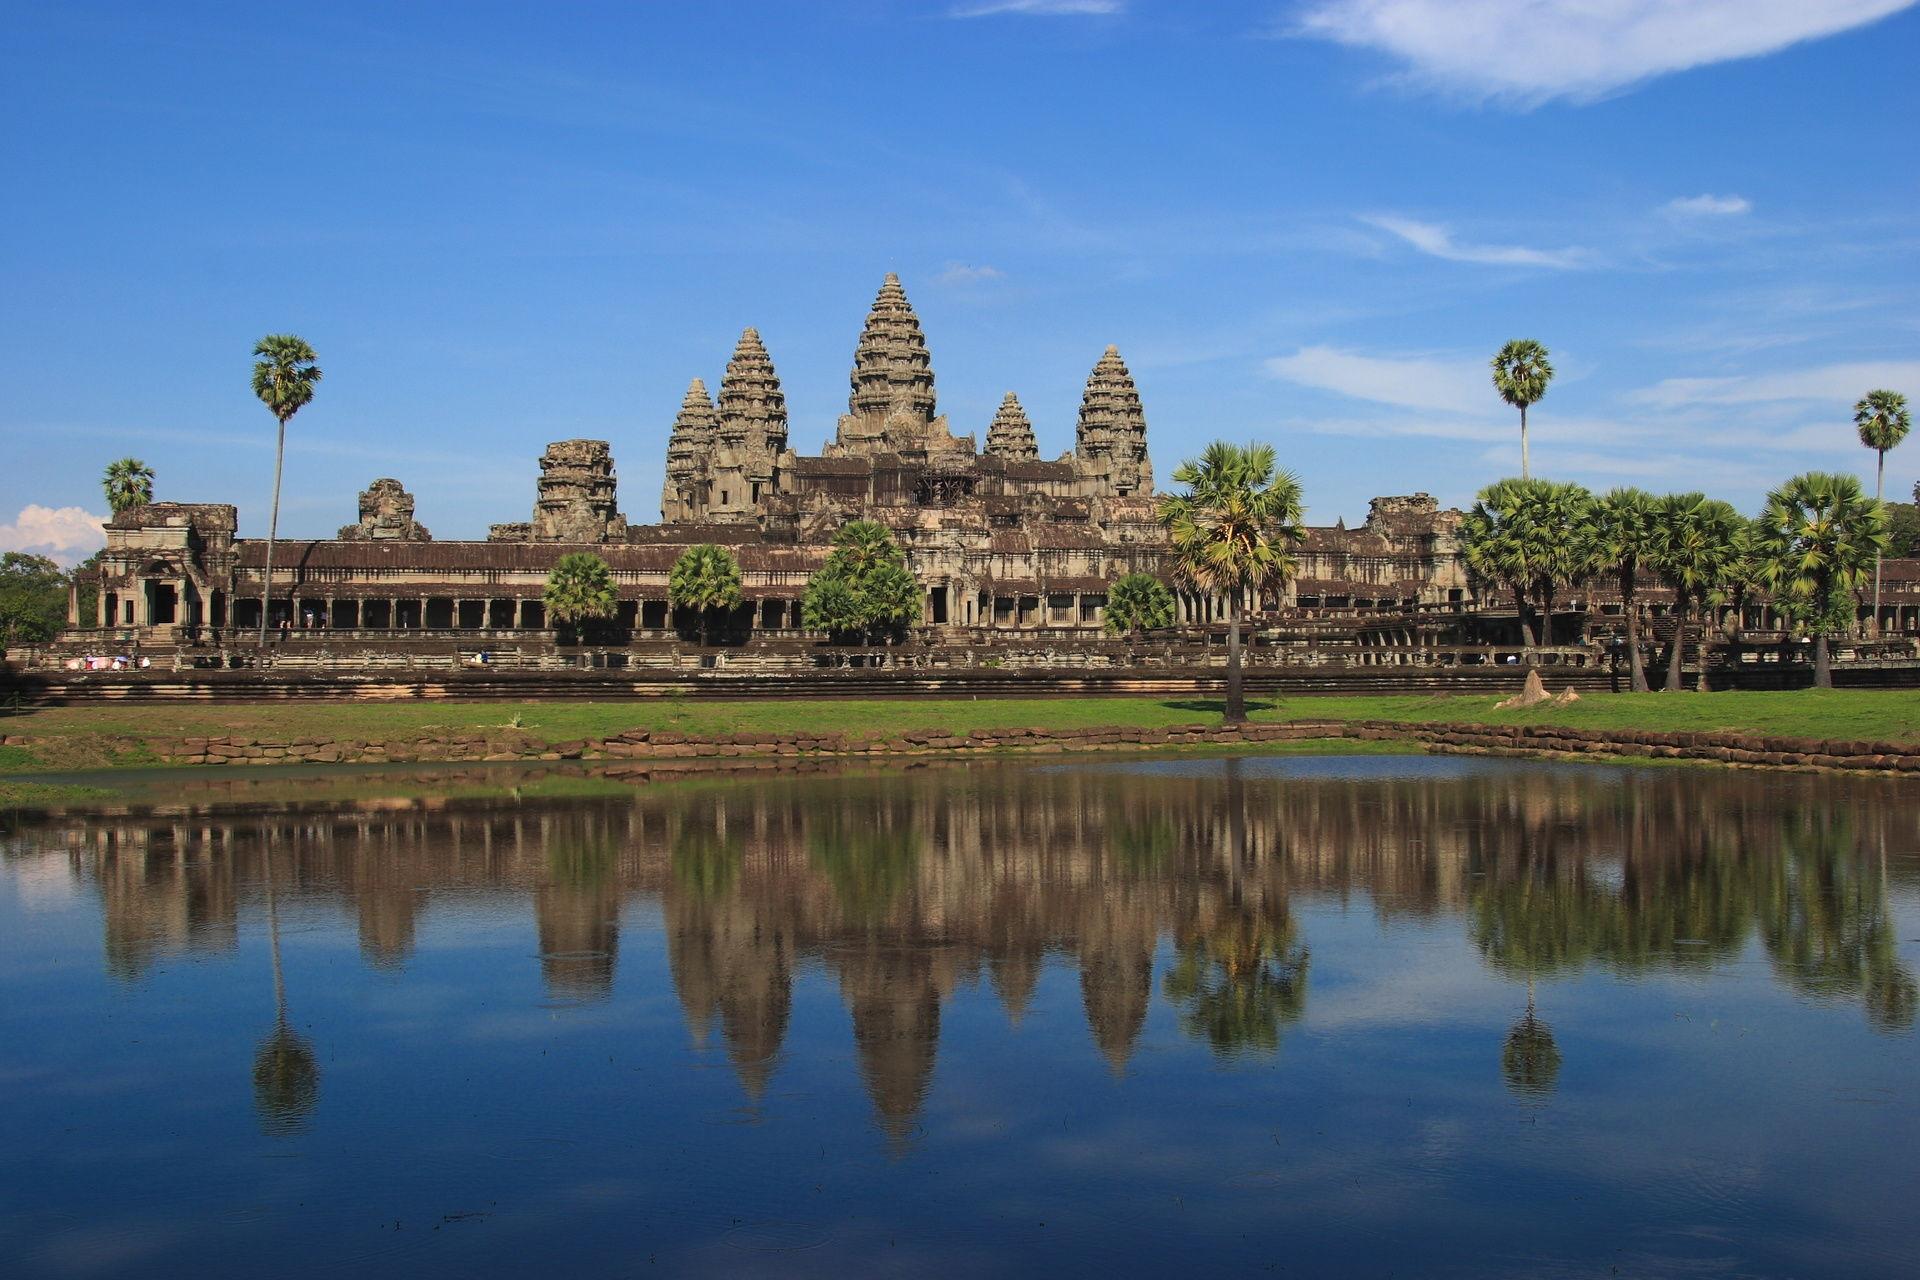 Les incontournables du Cambodge / Thaïlande, 16 jours / 13 nuits, limité à 32  - voyage  - sejour